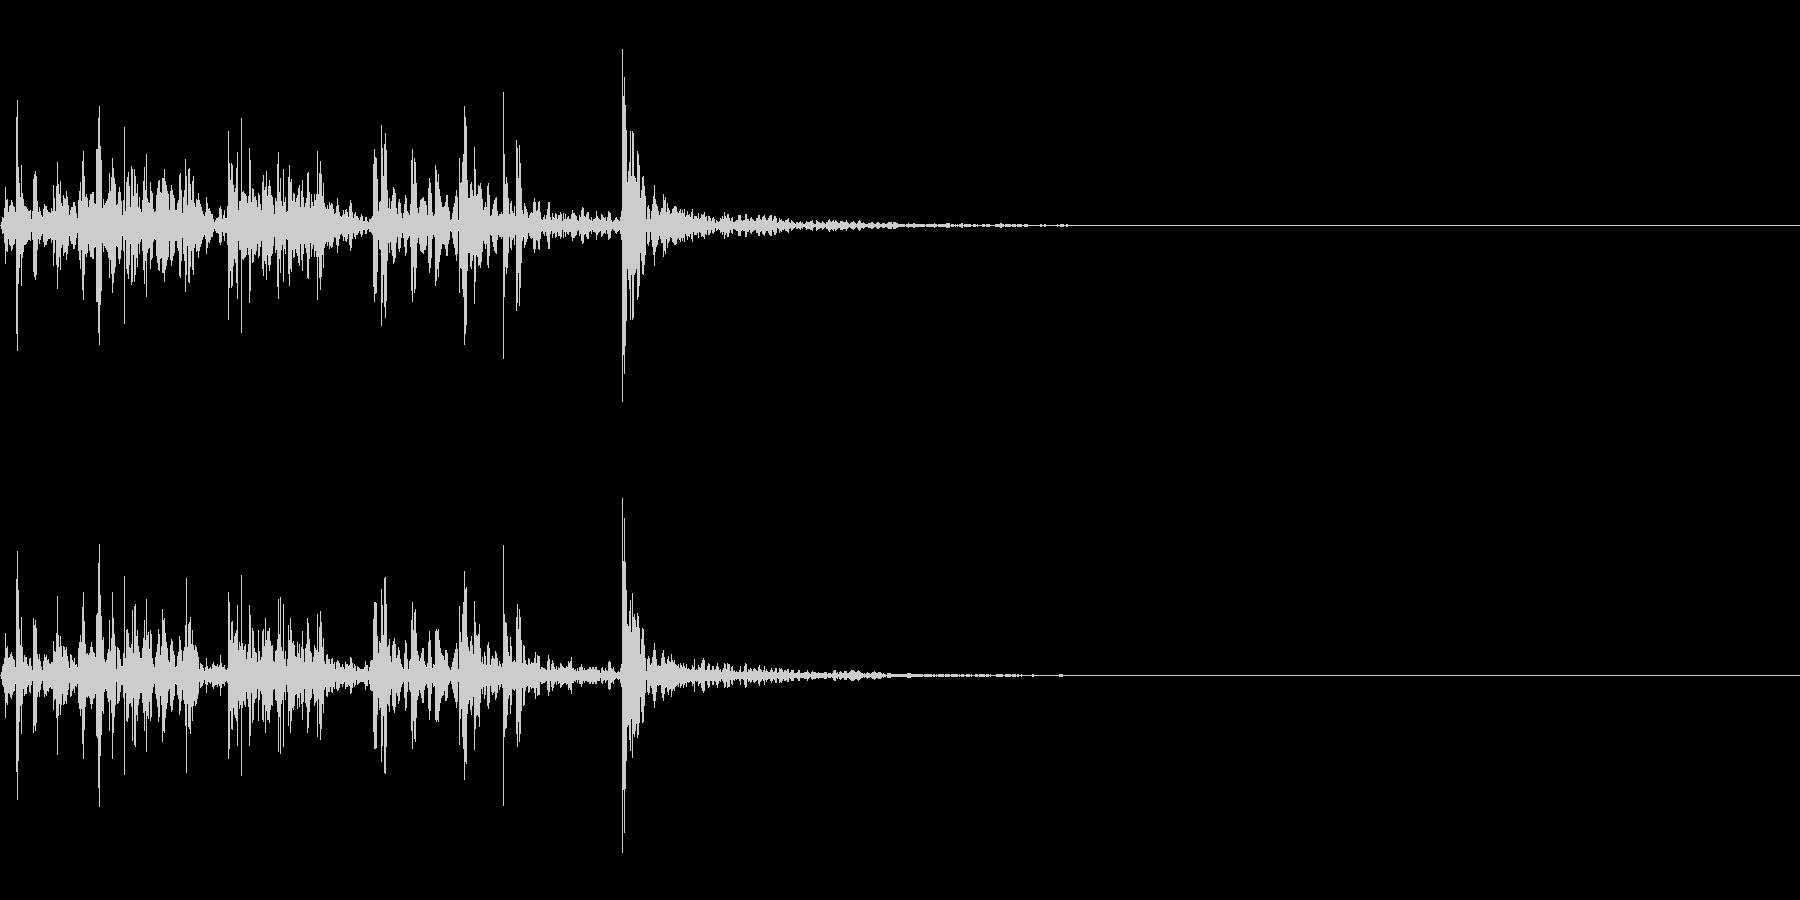 スパーク音-44の未再生の波形